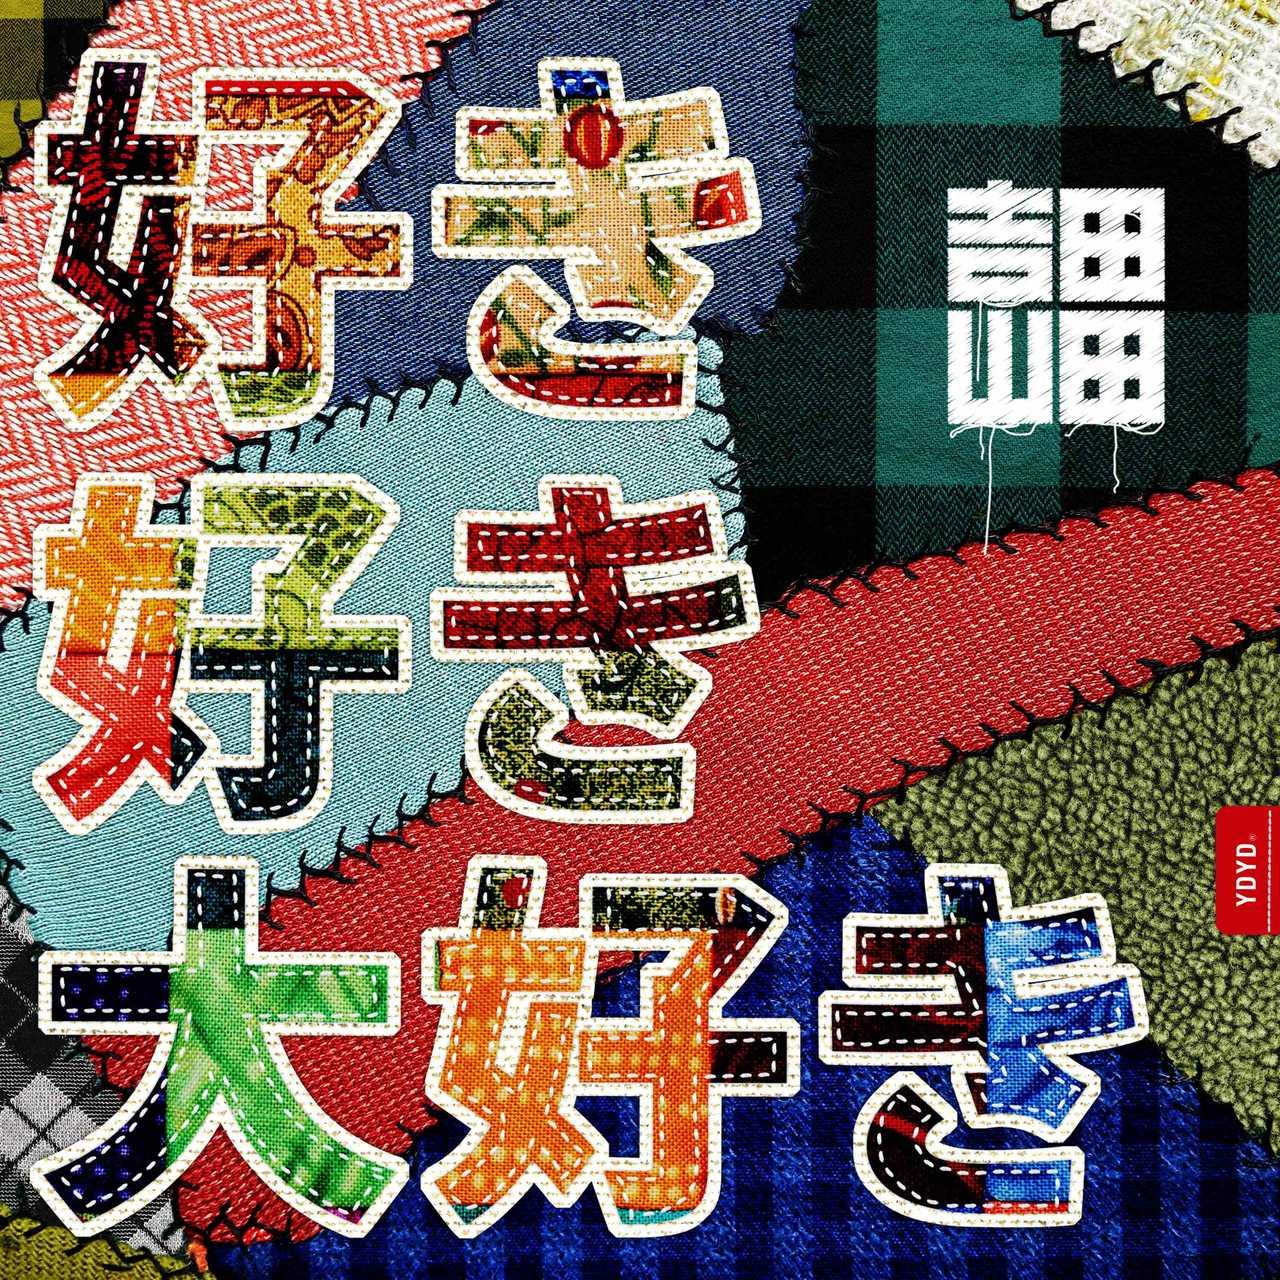 吉田山田「好き好き大好き」は自分の好きなものに対して自信を持てるポジティブソング